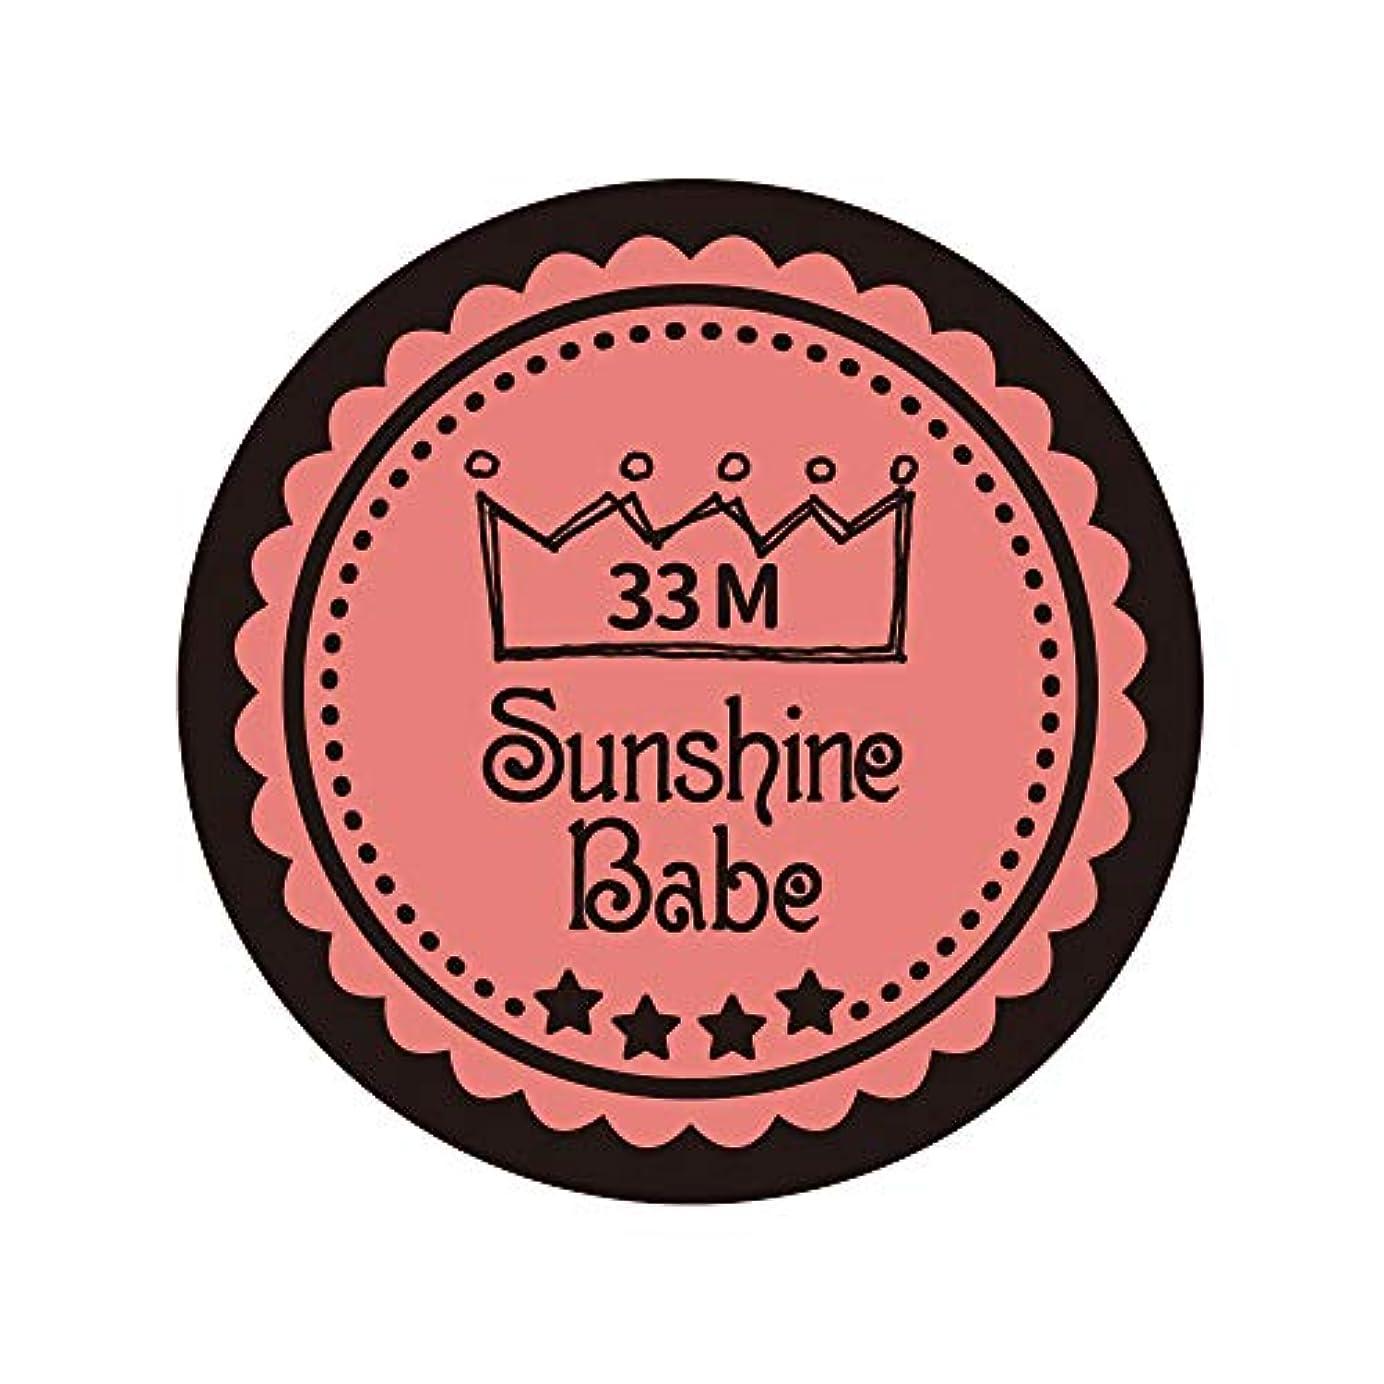 エンティティ流産出しますSunshine Babe カラージェル 33M ベイクドコーラルピンク 2.7g UV/LED対応